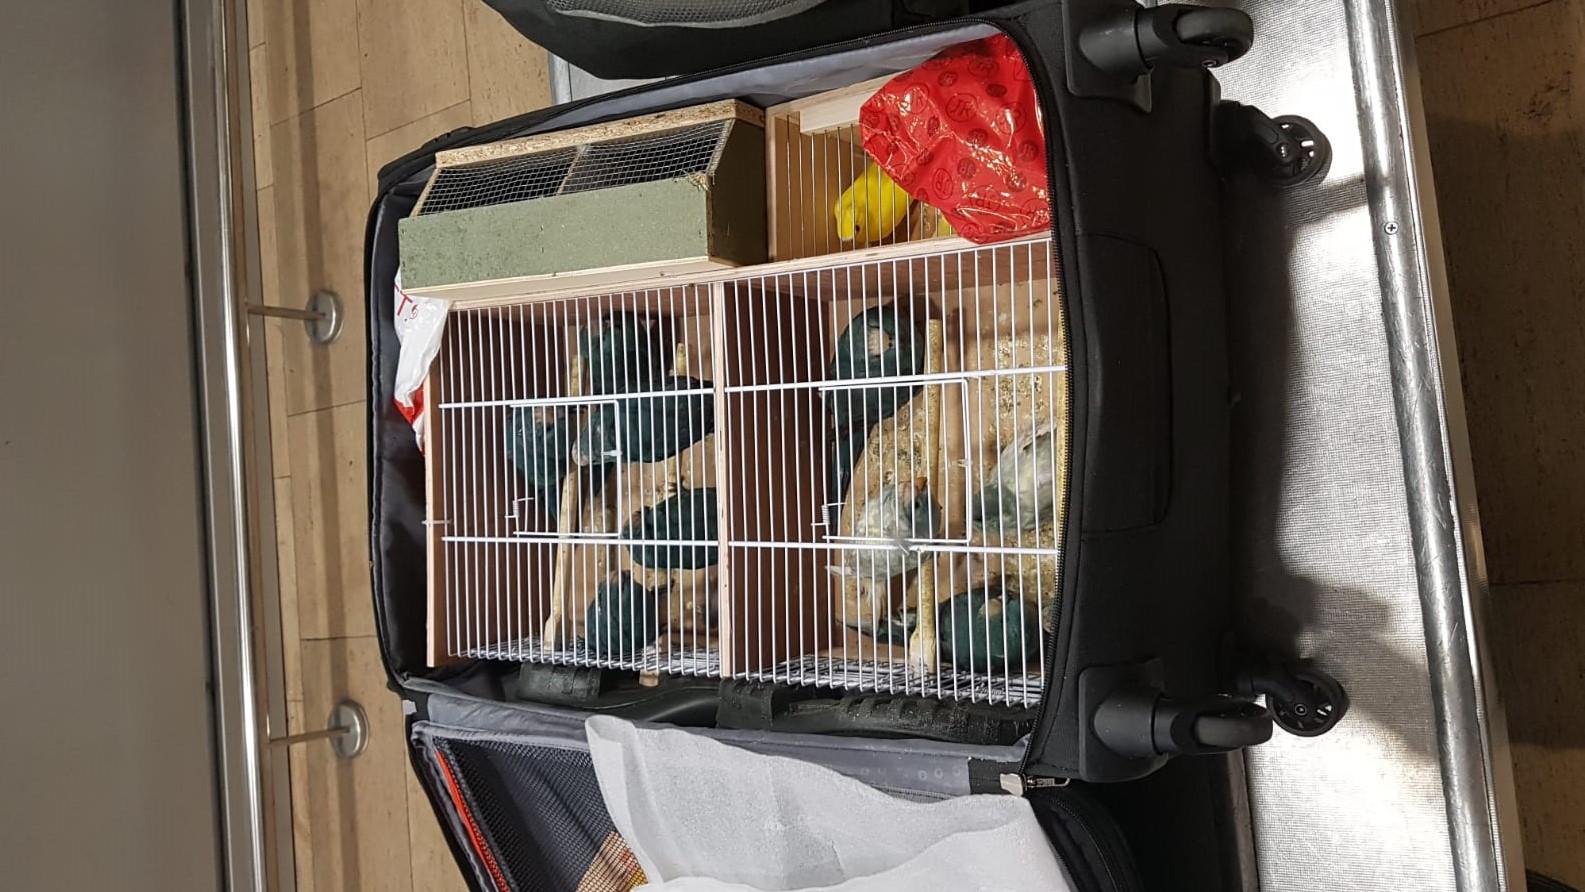 """14 ציפורים הוסתרו בתוך מזוודה בנתב""""ג – חשוד נעצר לחקירה"""